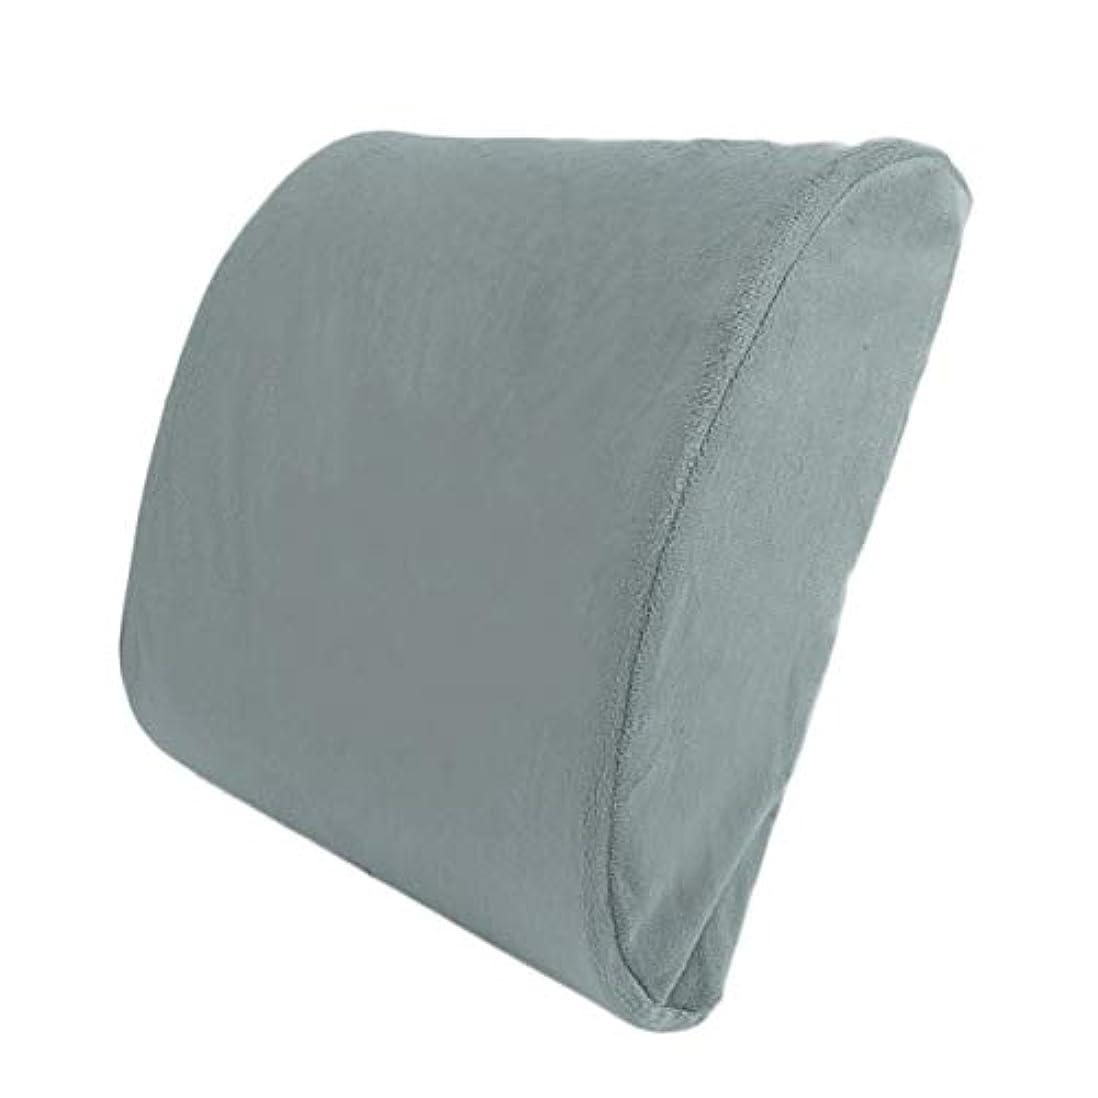 旋回親指文法Saikogoods ソフトスローリバウンドメモリ通気ヘルスケア腰椎クッションバックウエストのサポート枕シート枕ホームオフィス グレー